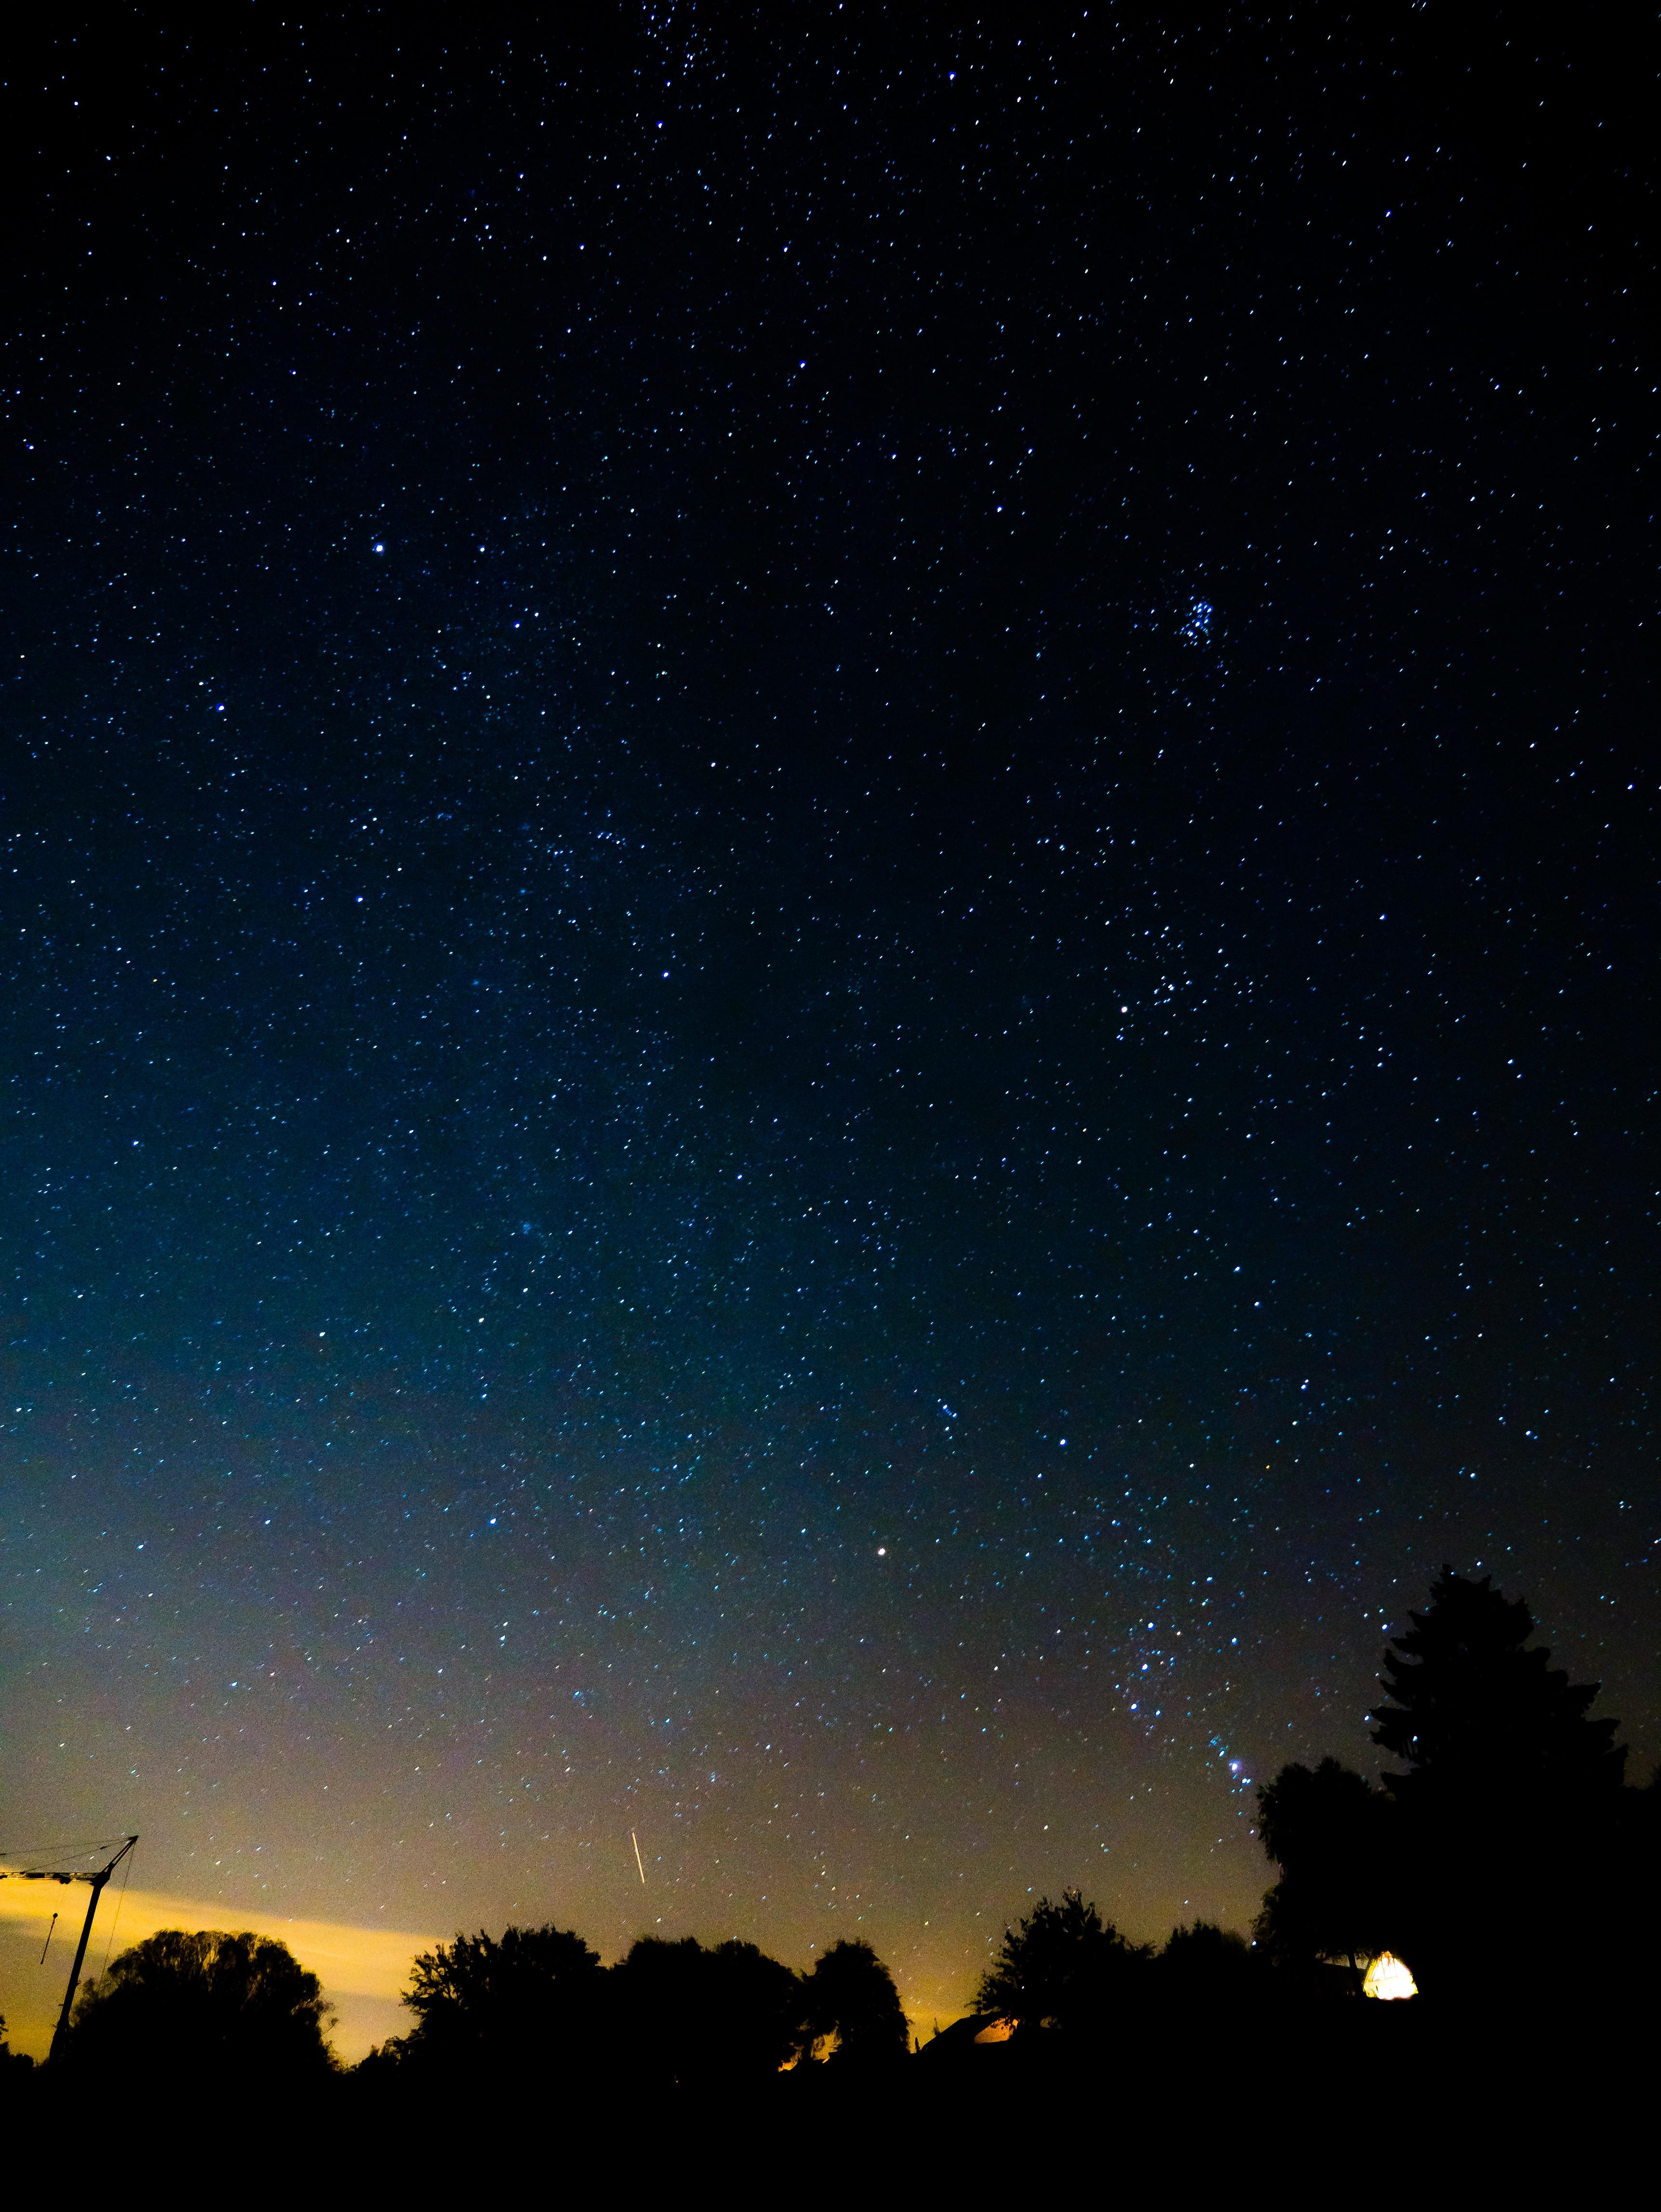 центре картинки ночное звездное небо занимает чрезвычайно важное